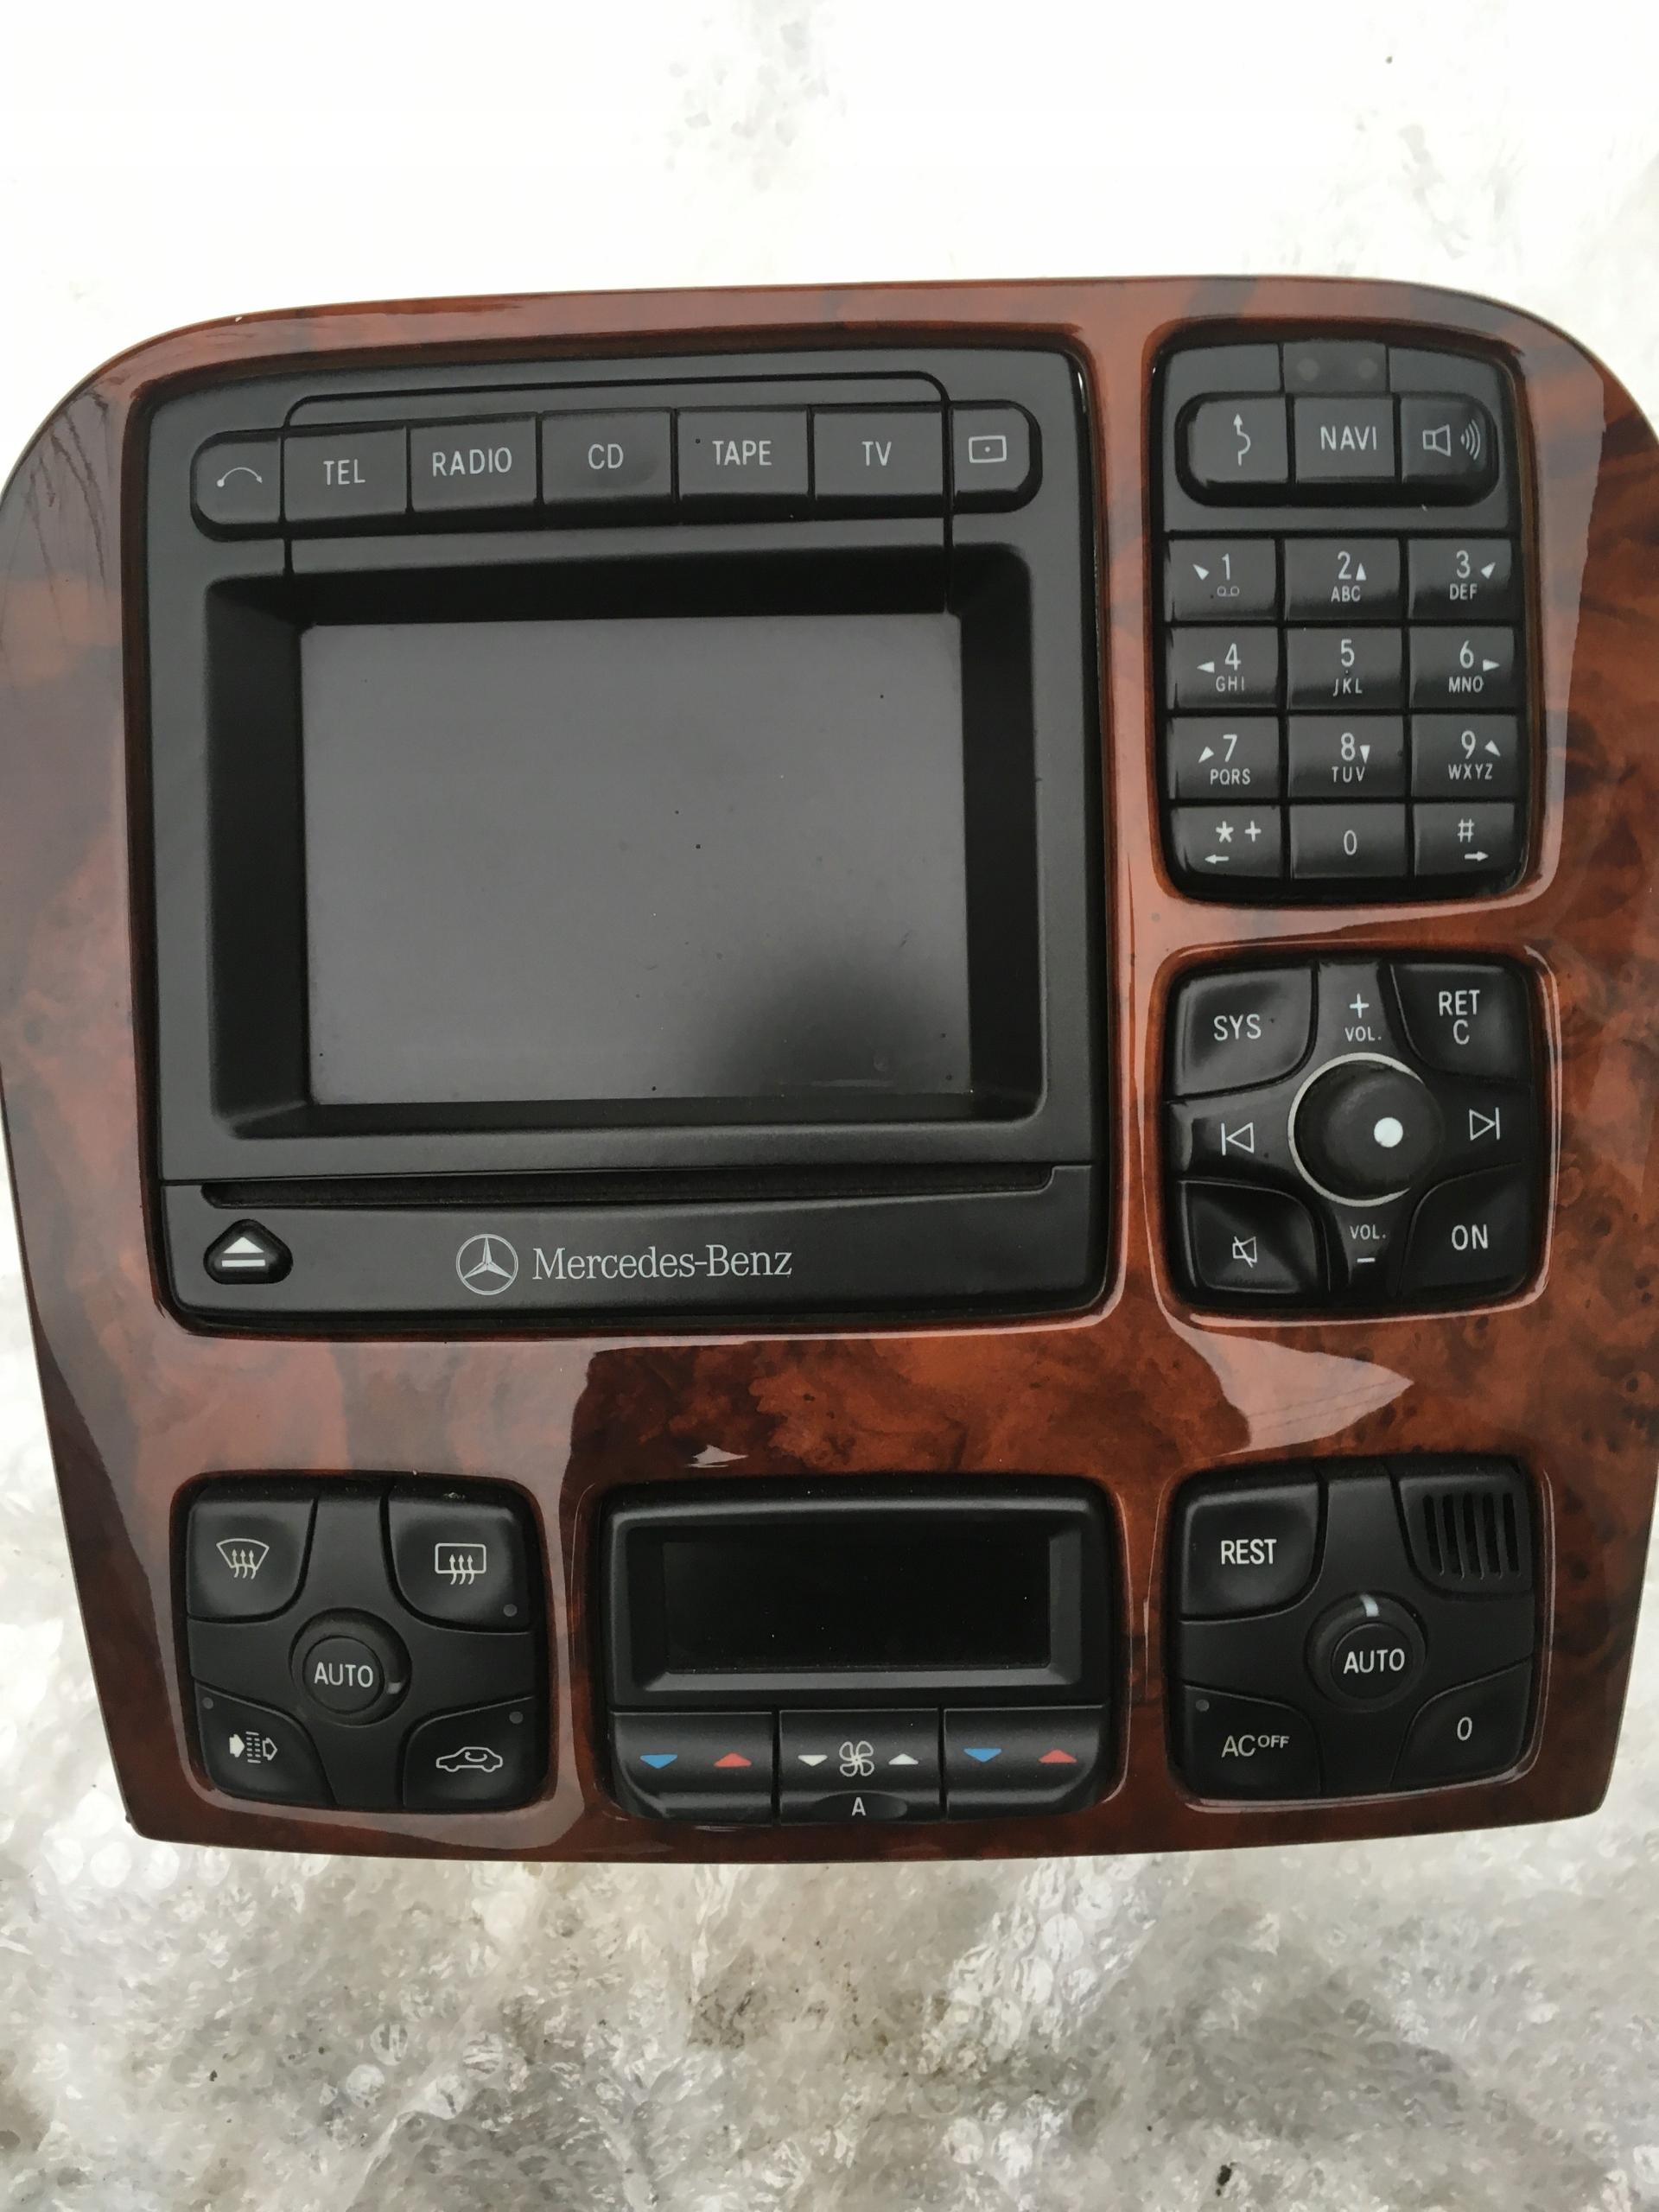 Mercedes W220 RADIO CD NAWIGACJA COMAND - 7826978292 - oficjalne